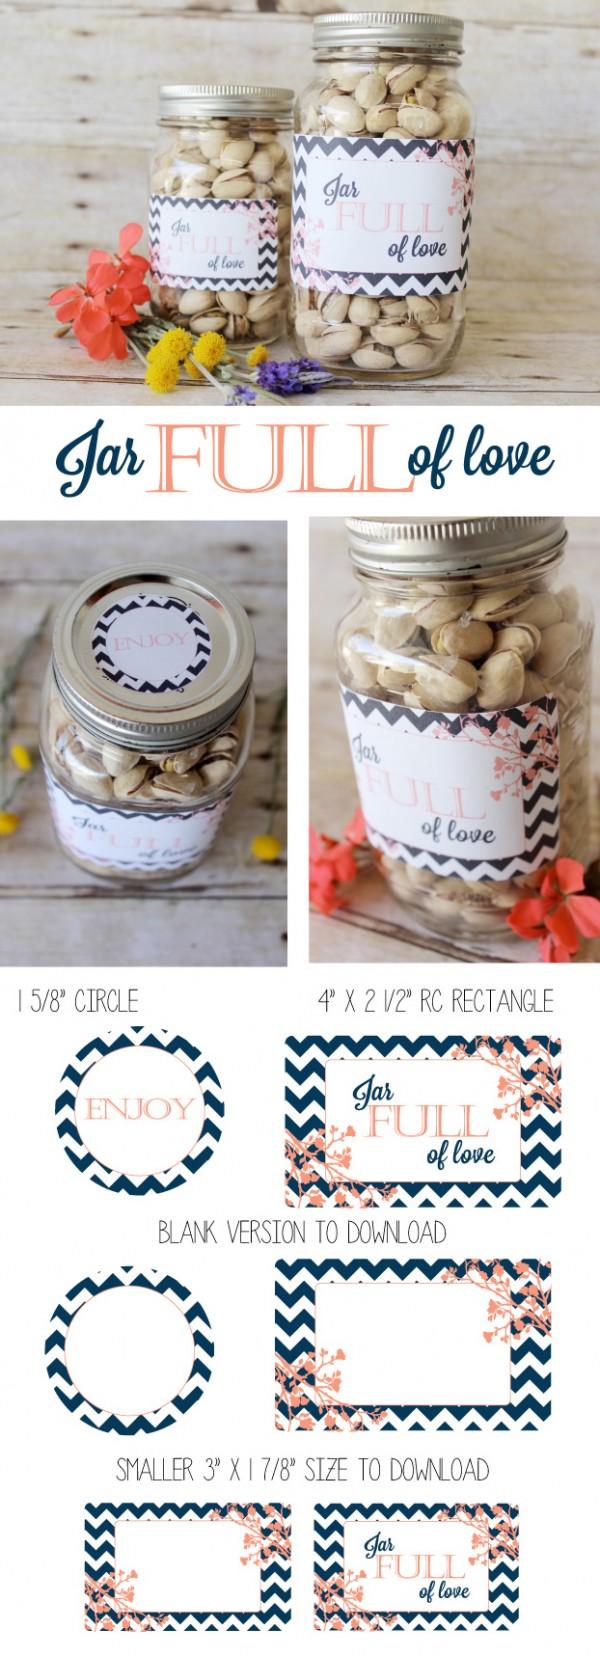 Jar-Full-Of-Love-Label-for-BLOG